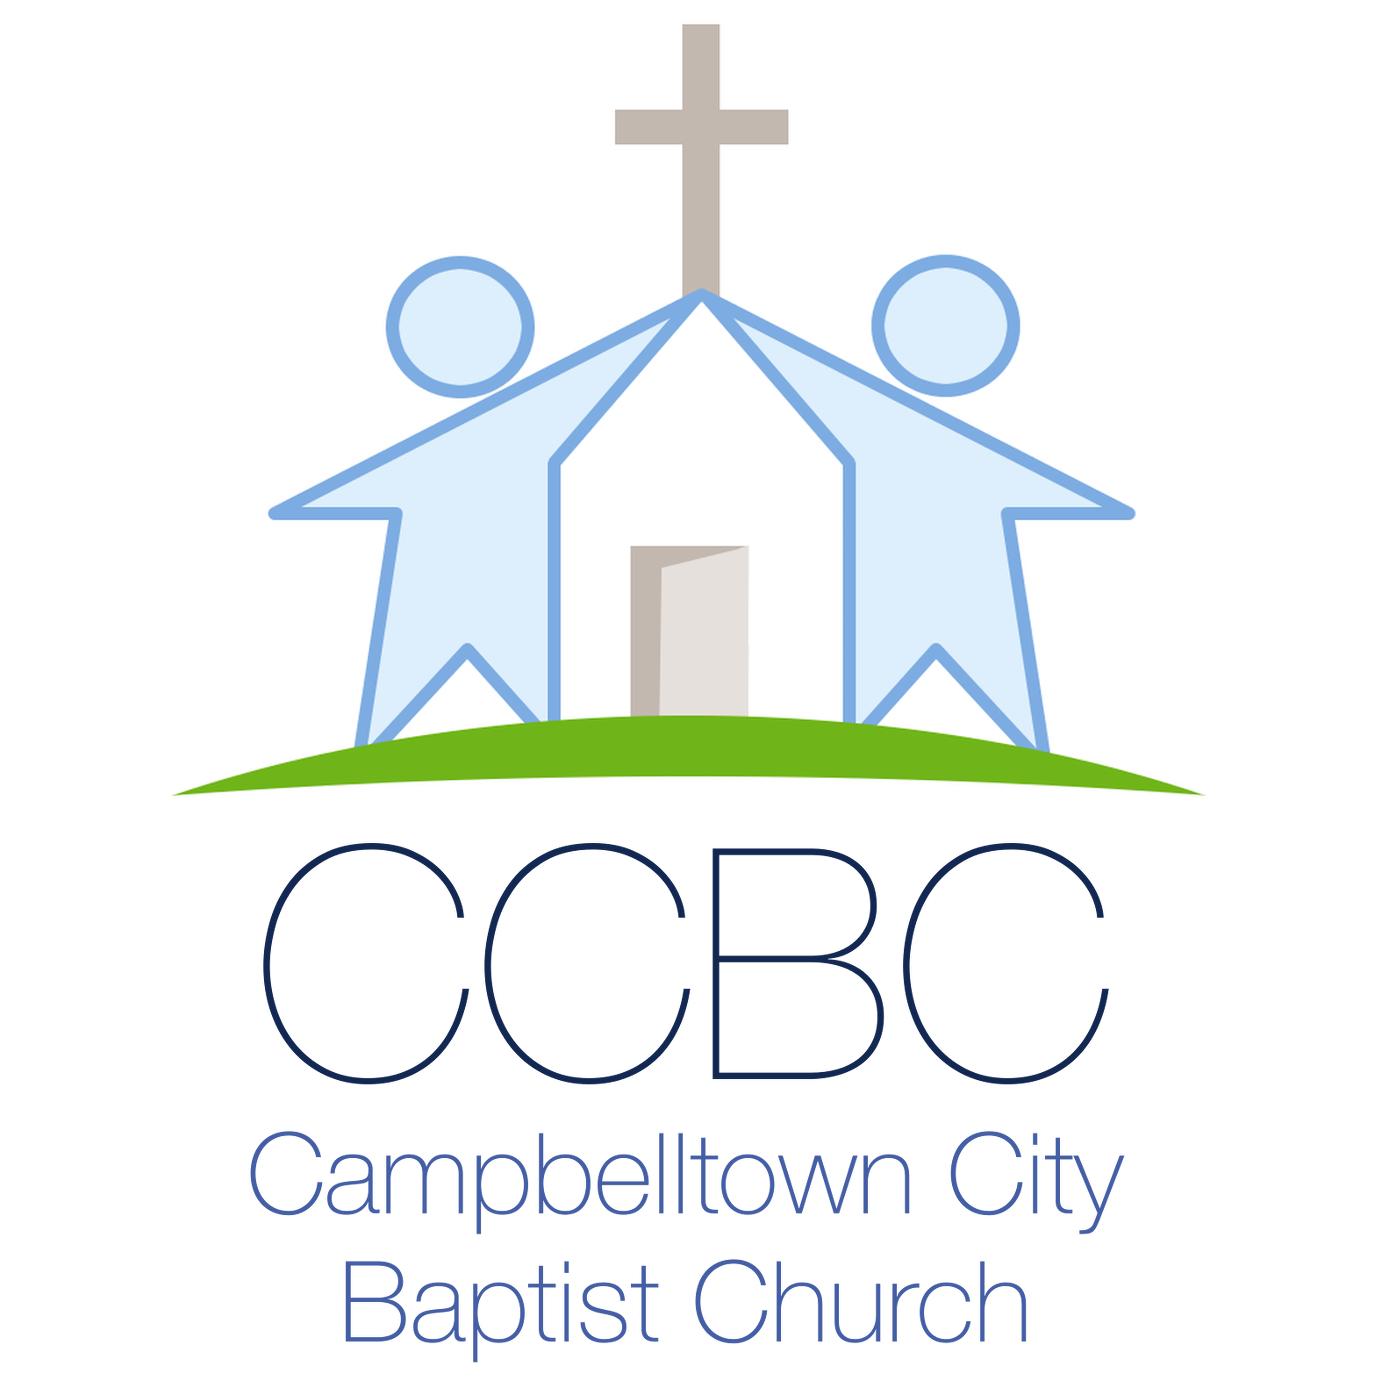 CCBC Evening Sermons